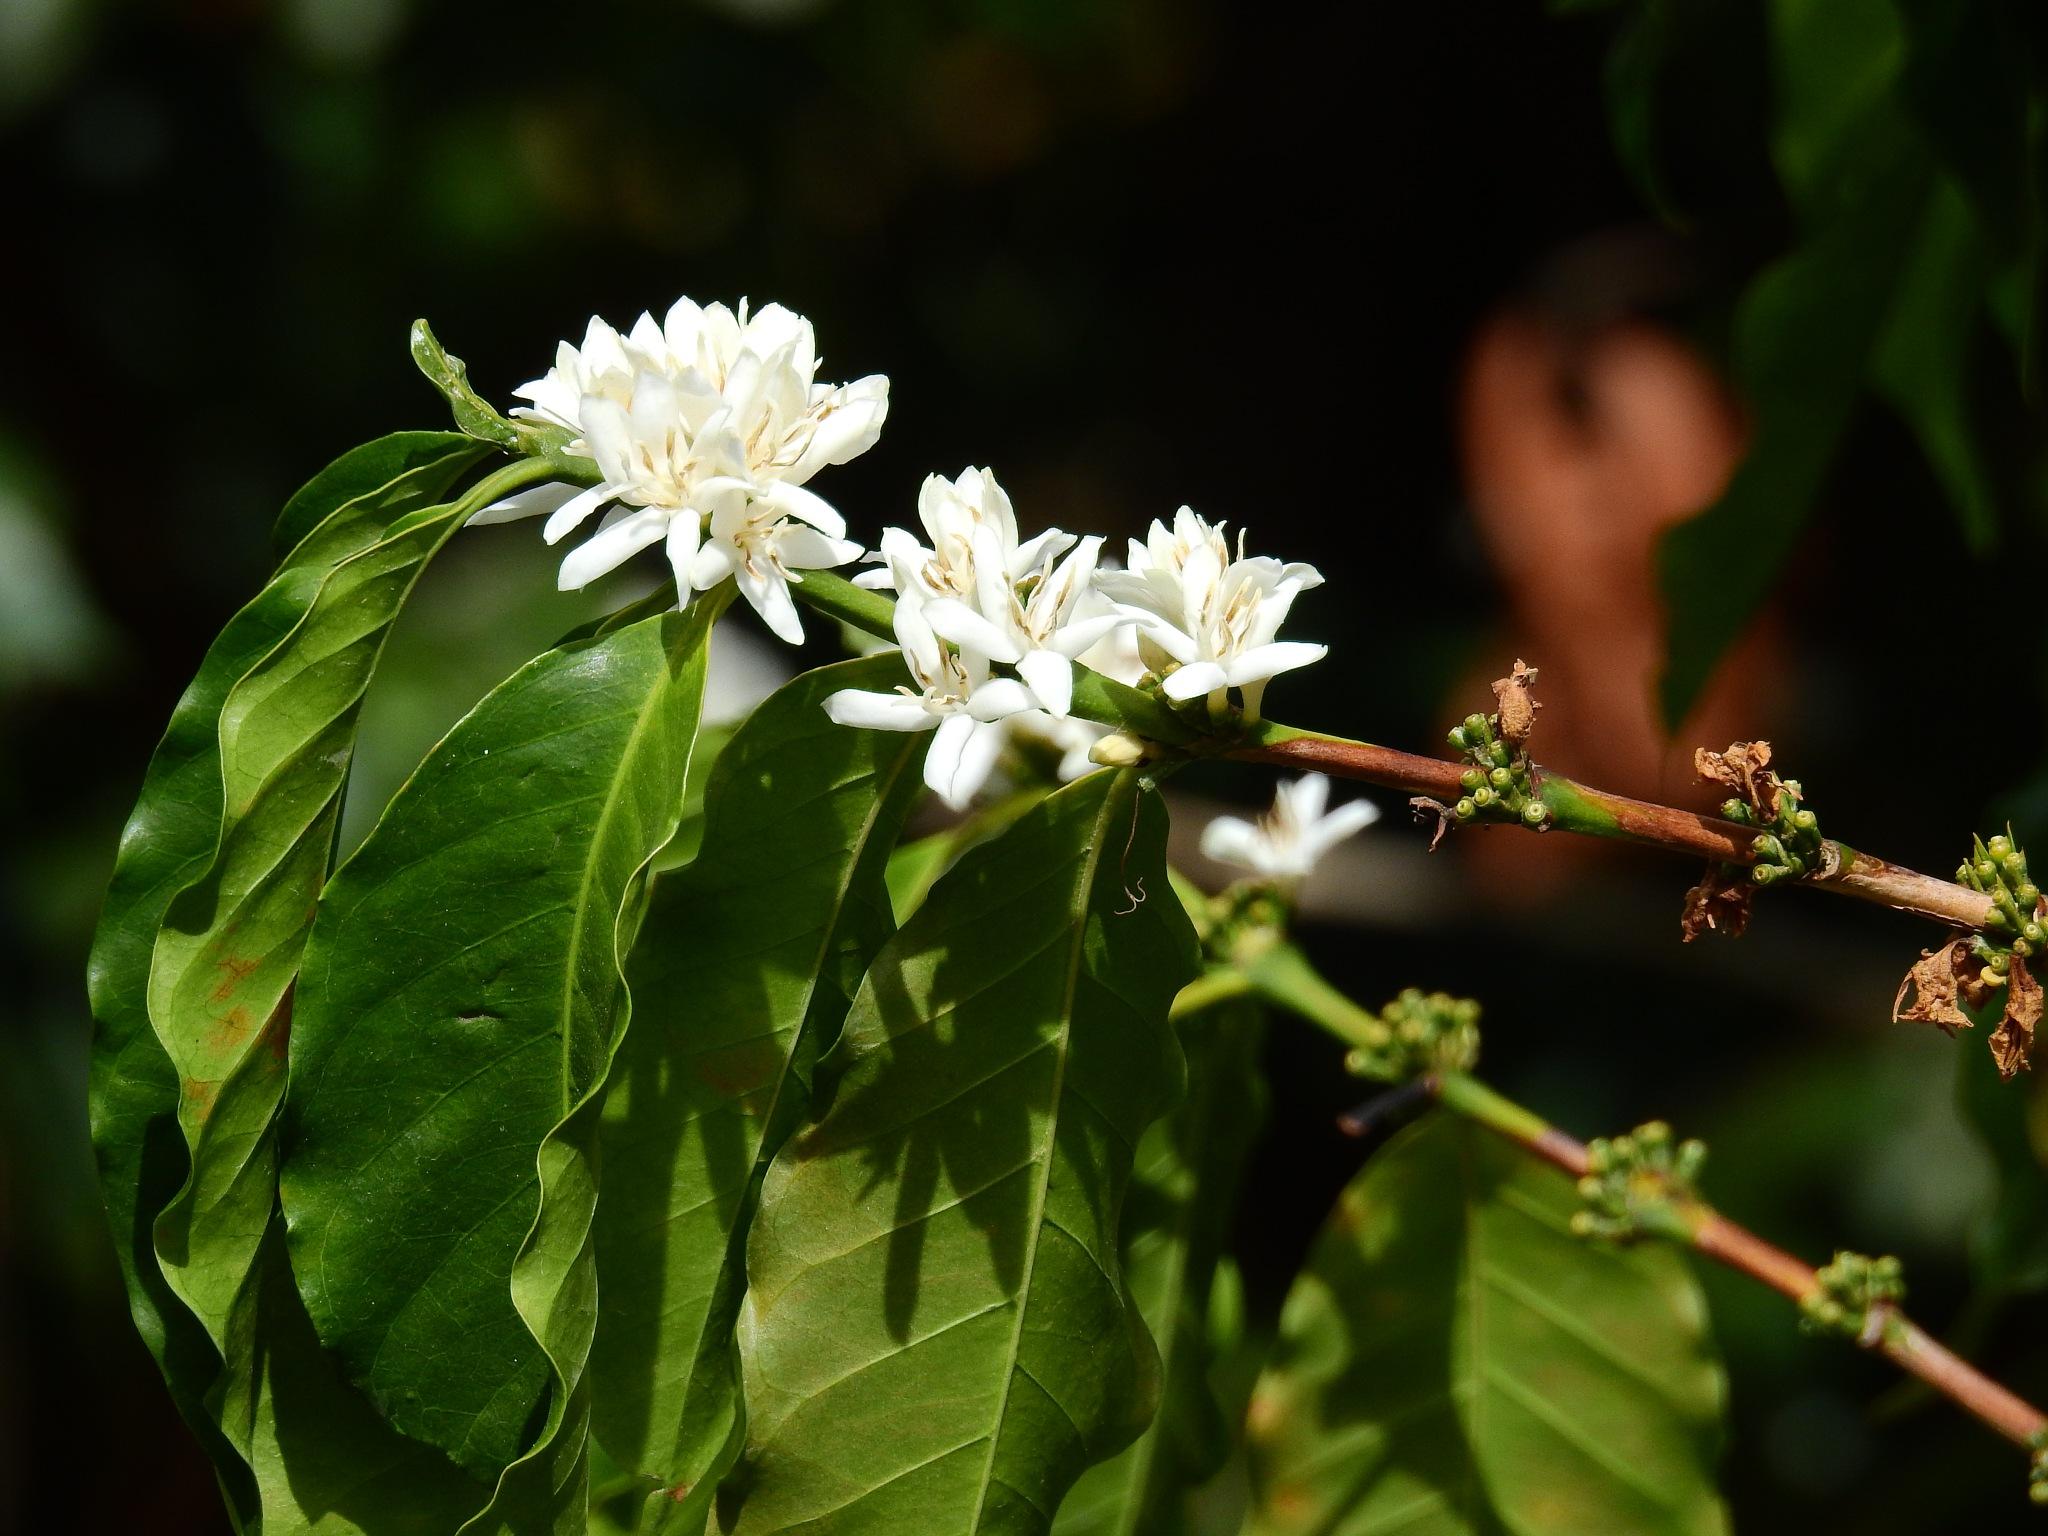 Flor de café by KAMAQUECHI